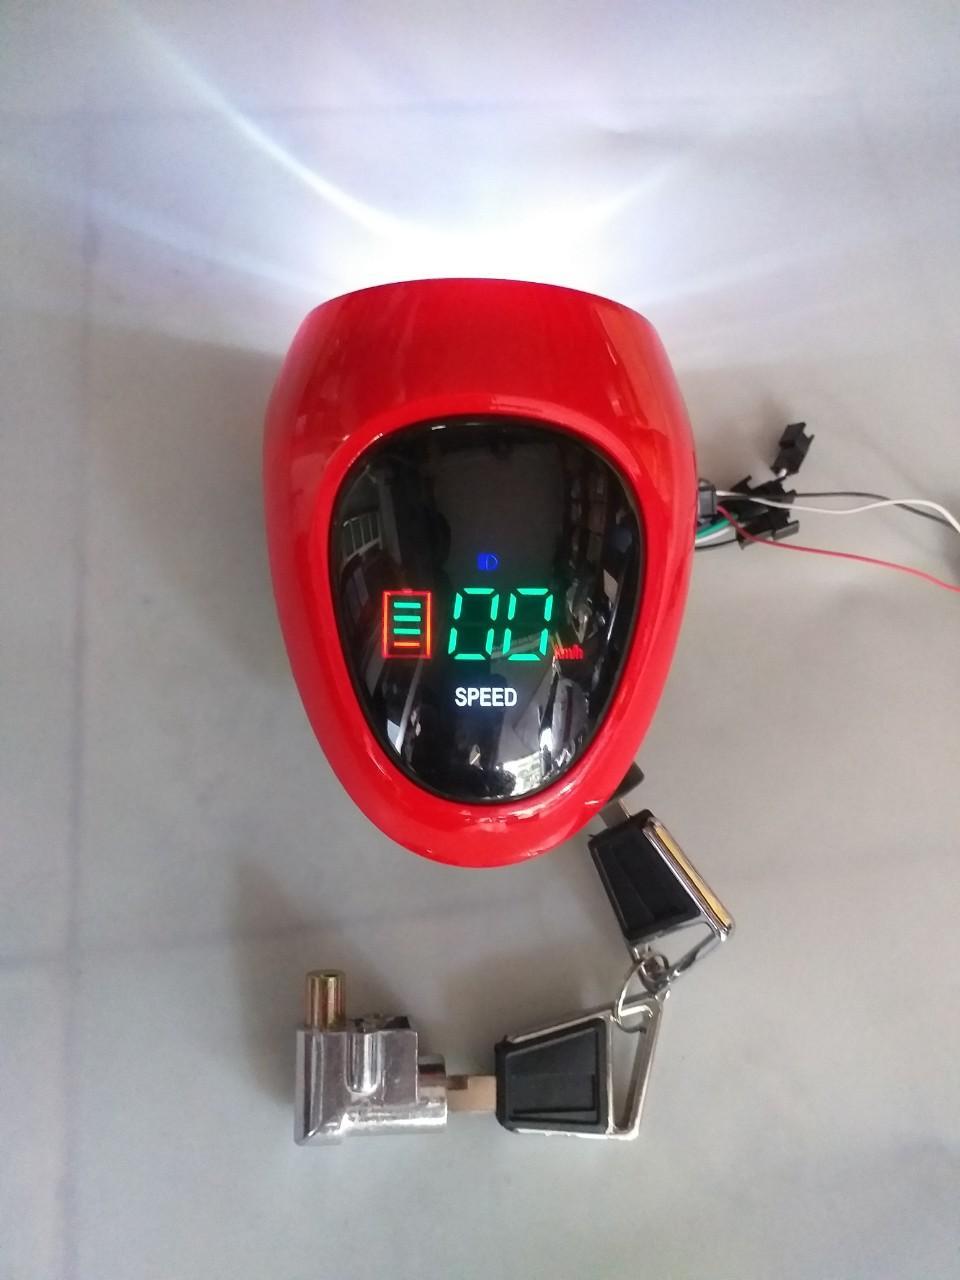 Mua đầu đèn xe đạp điện giá tốt- dau den - đầu đèn báo tốc hiển thị led- đầu đèn xe điện kiểu mới - đầu đèn 48v